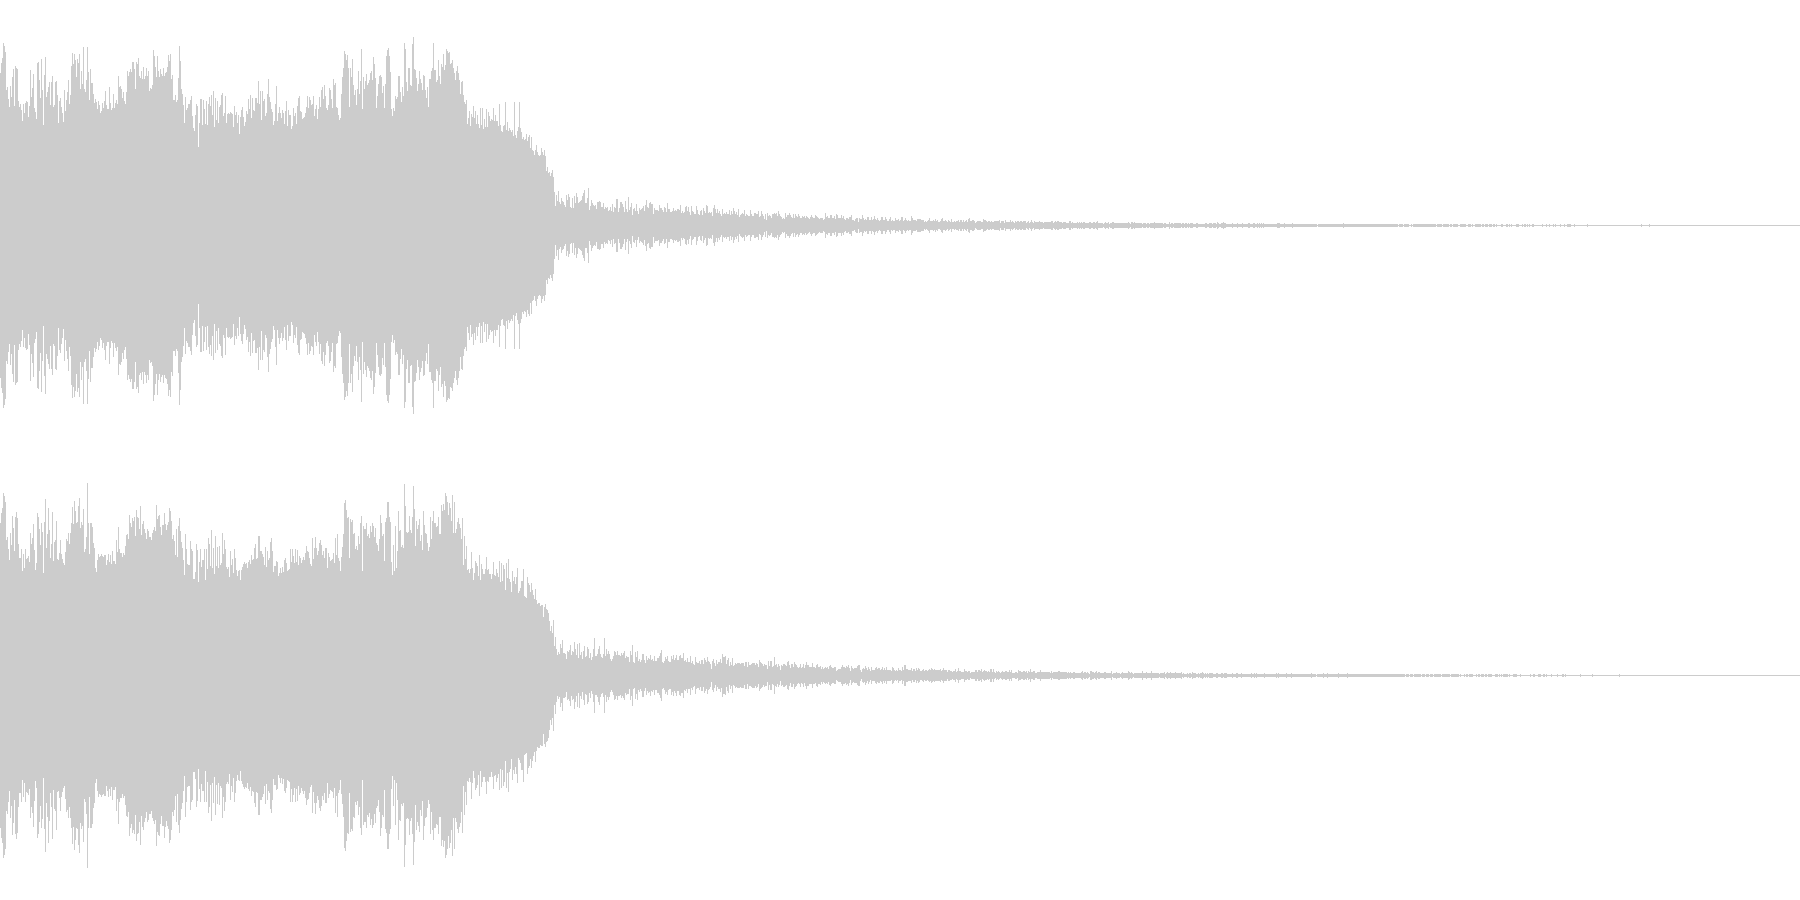 DJFX ヒットチャート発表前SE 20の未再生の波形